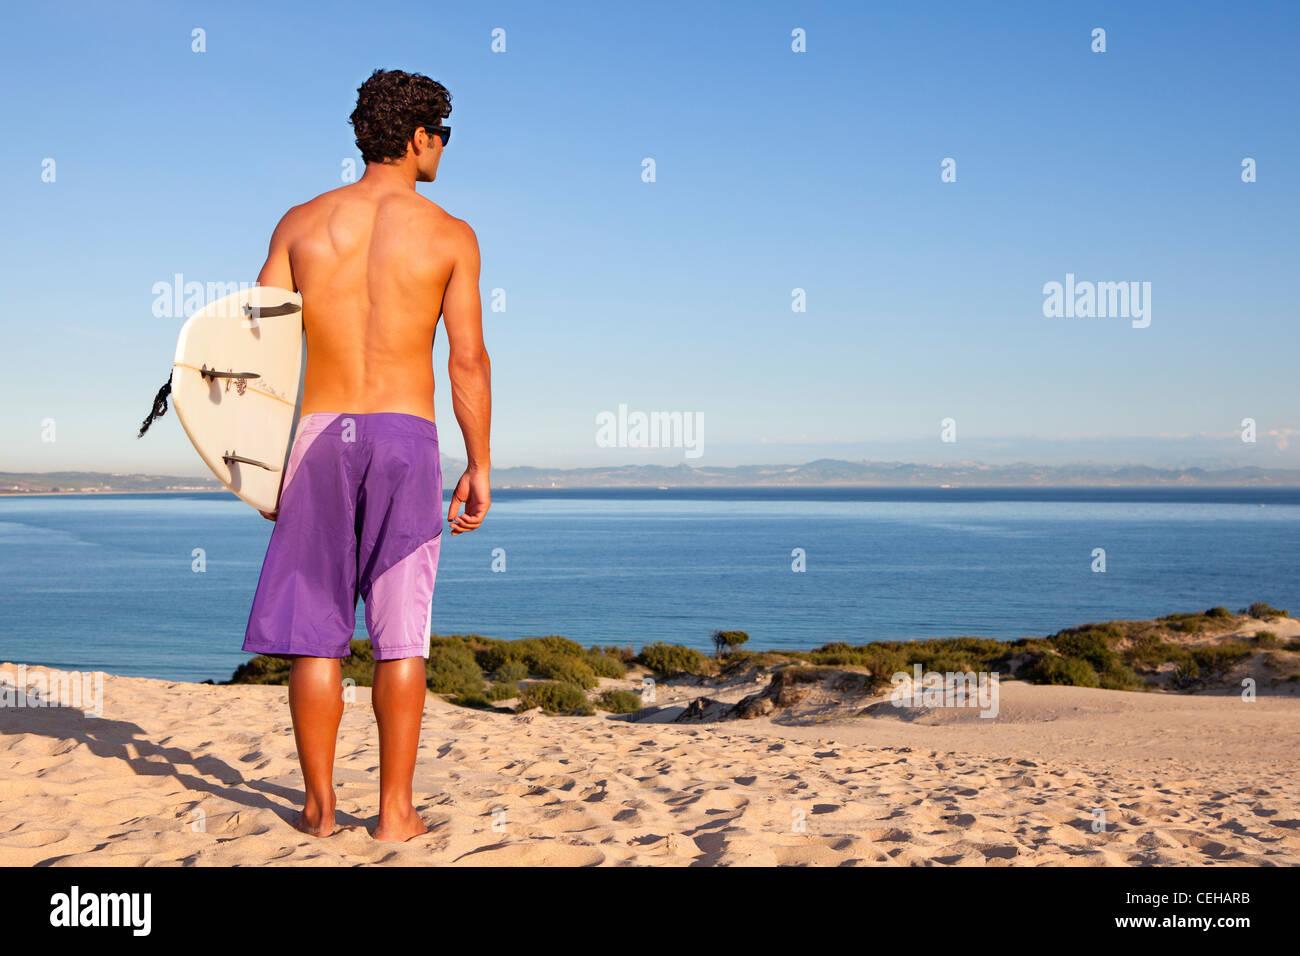 Surfer guardando l'oceano Immagini Stock